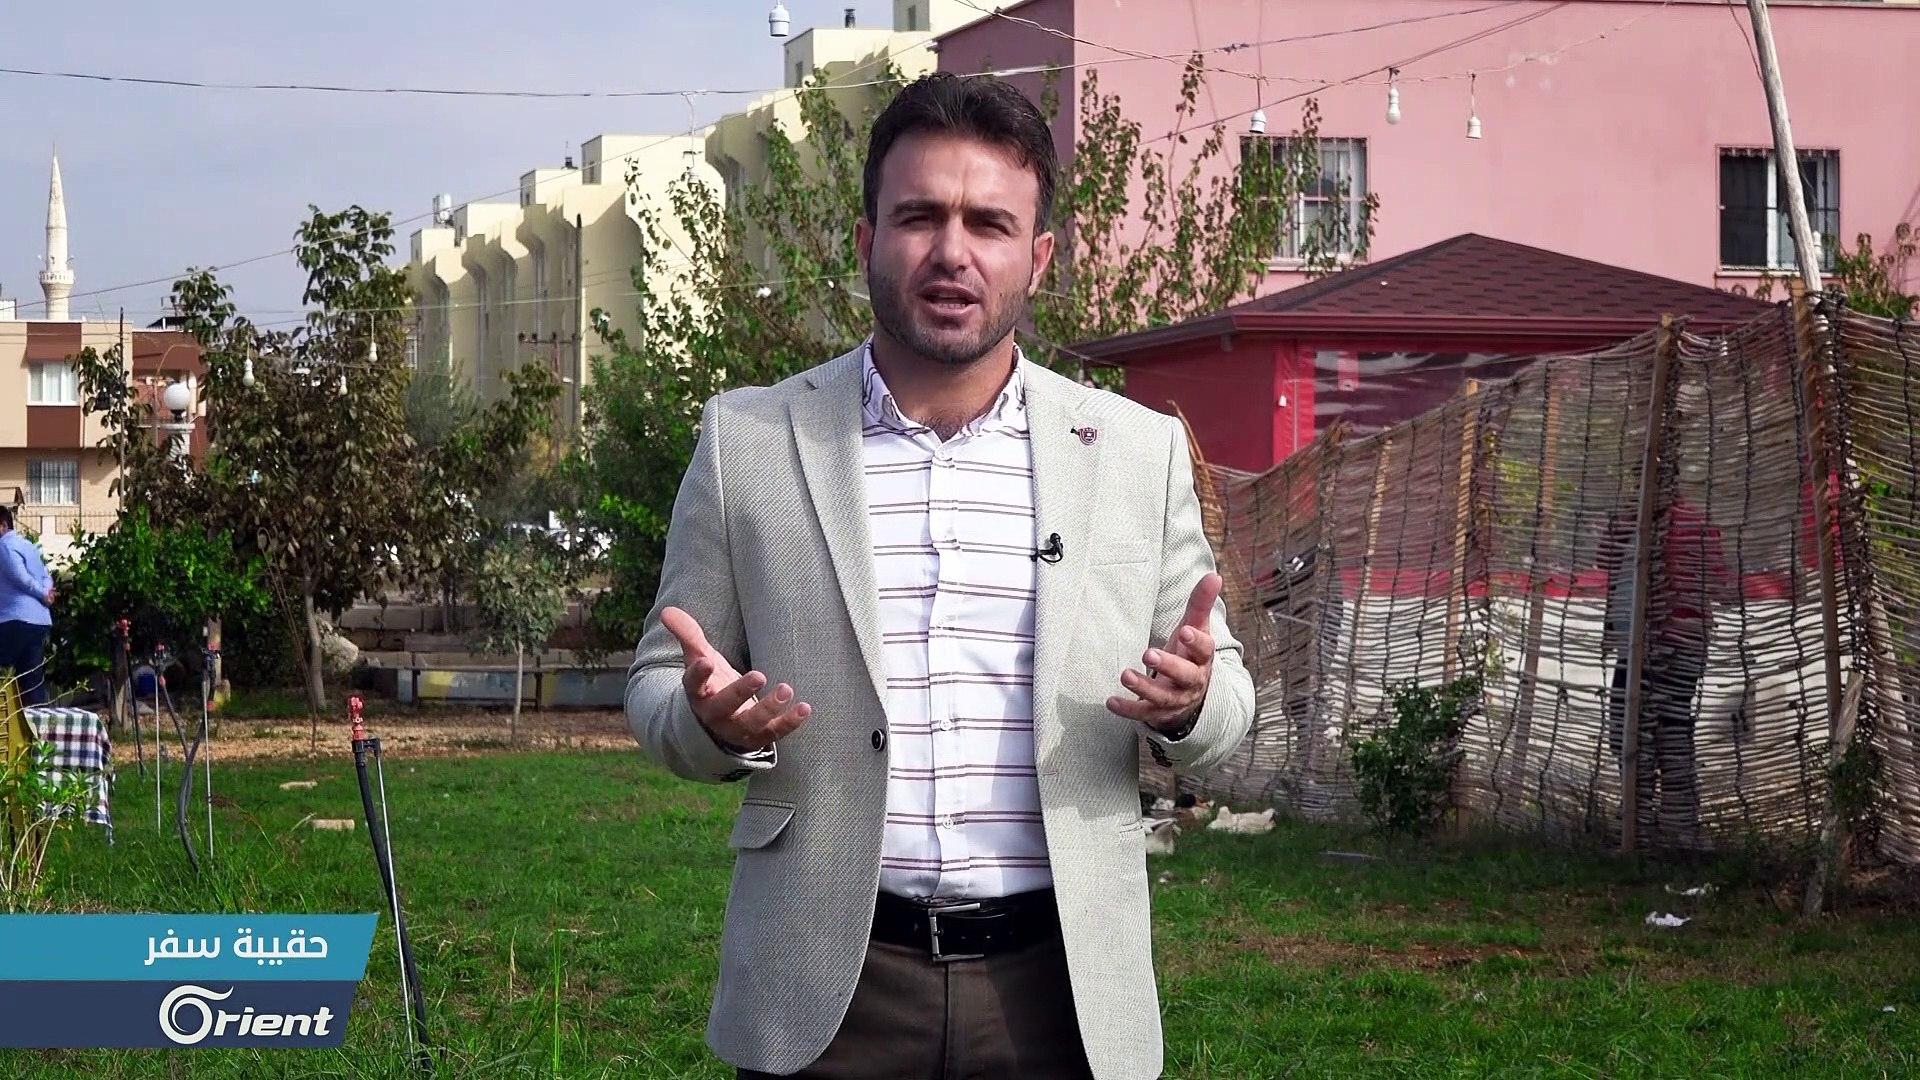 مبادرة تطوعية لتعليم اللغة العربية للطلاب السوريين في مدينة الريحانية - حقيبة سفر